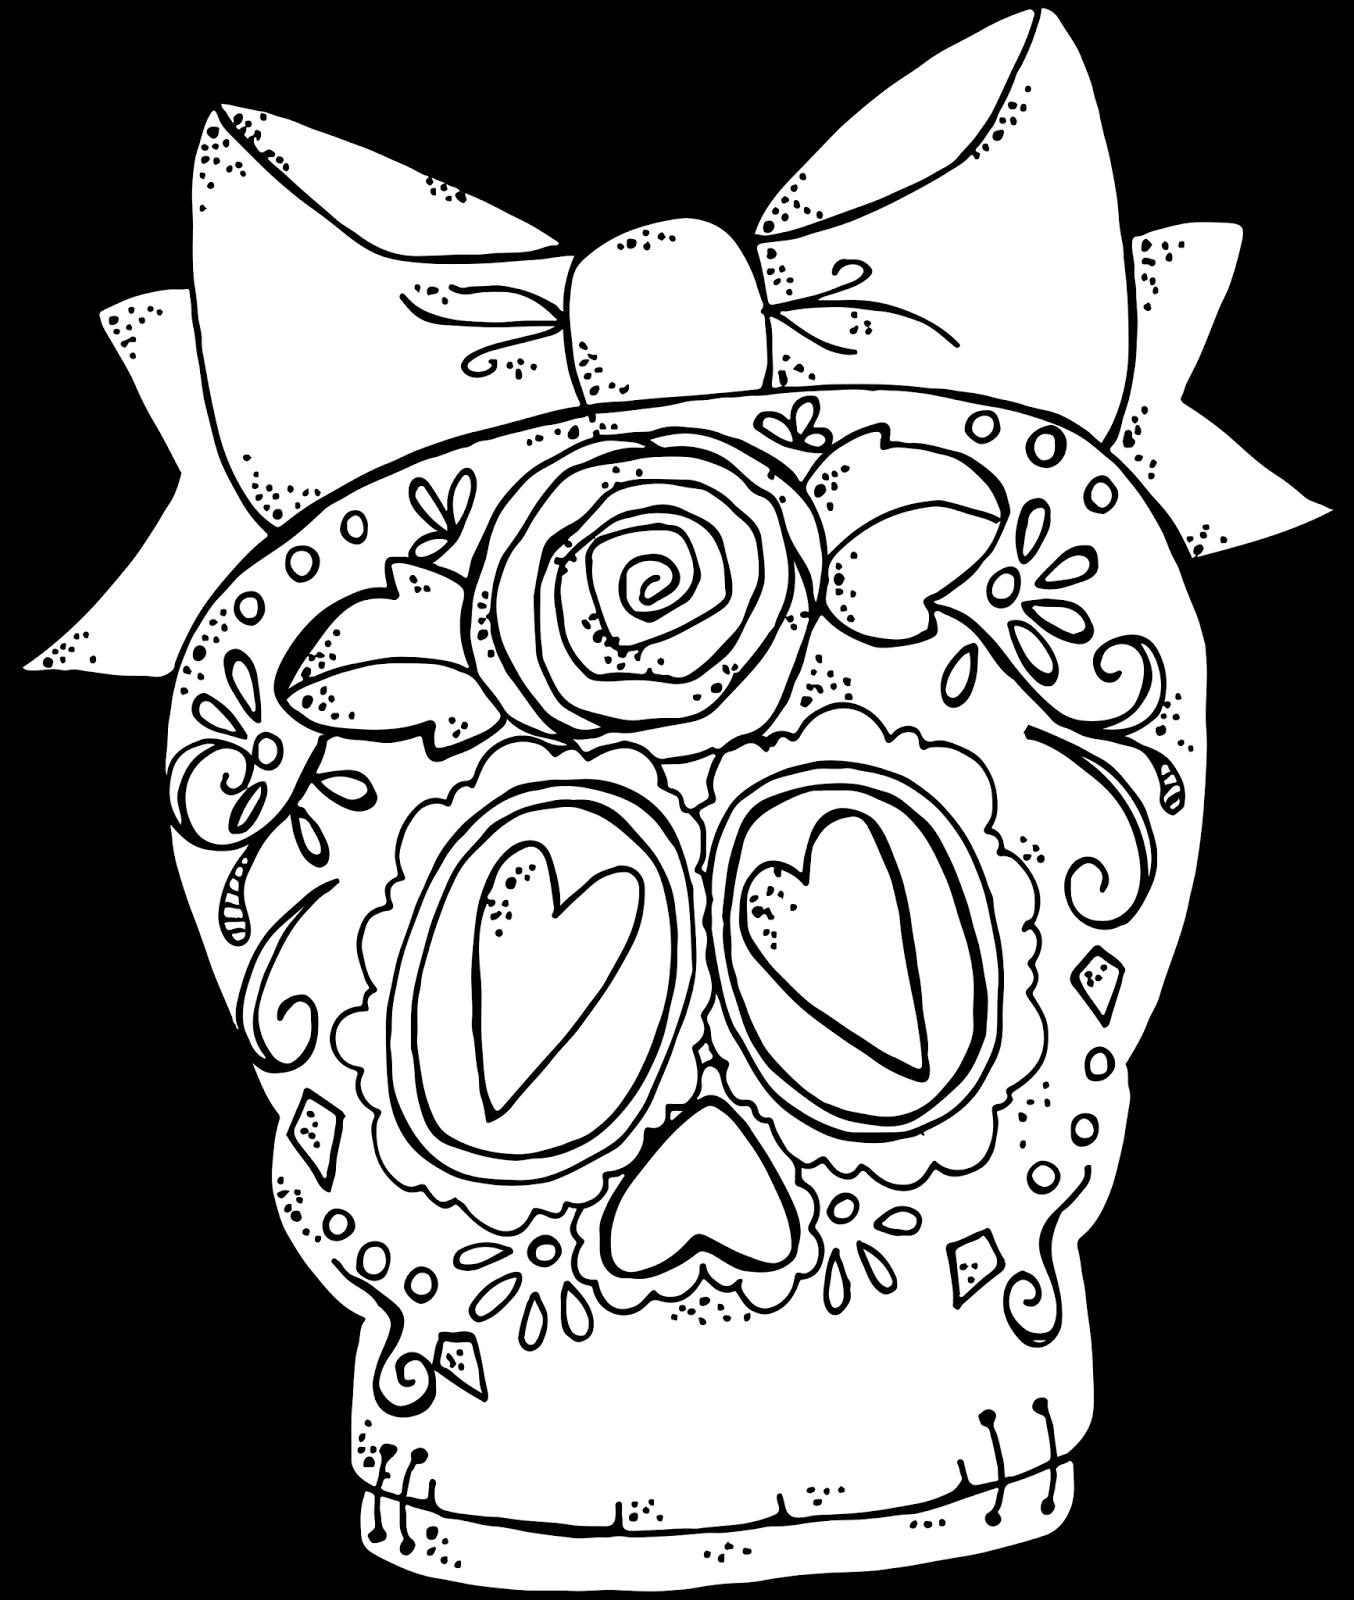 Humpty dumpty clipart color. Melonheadz october sugar skull